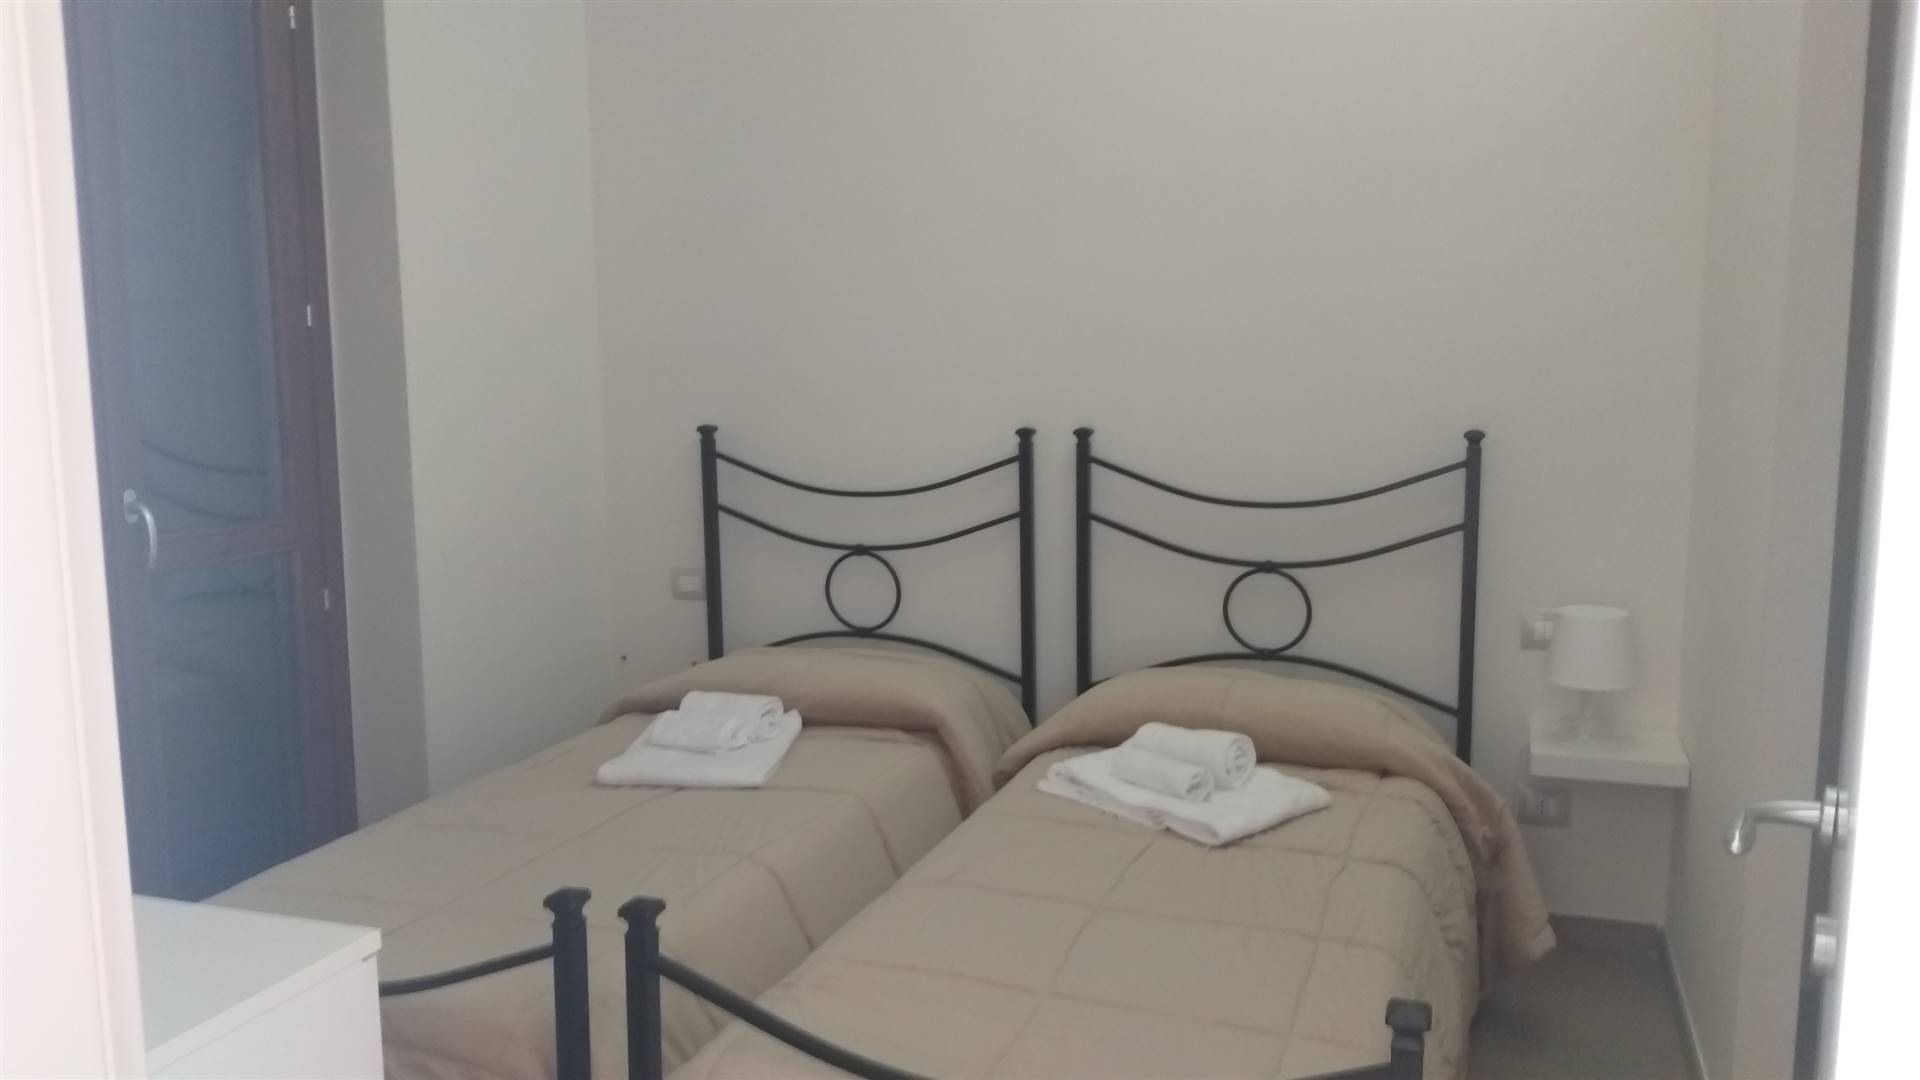 Appartamento Bilocale in Vendita. L'immobile è situato vicino ai principali servizi di interesse della cittadina di Tolfa. L'abitazione si colloca al